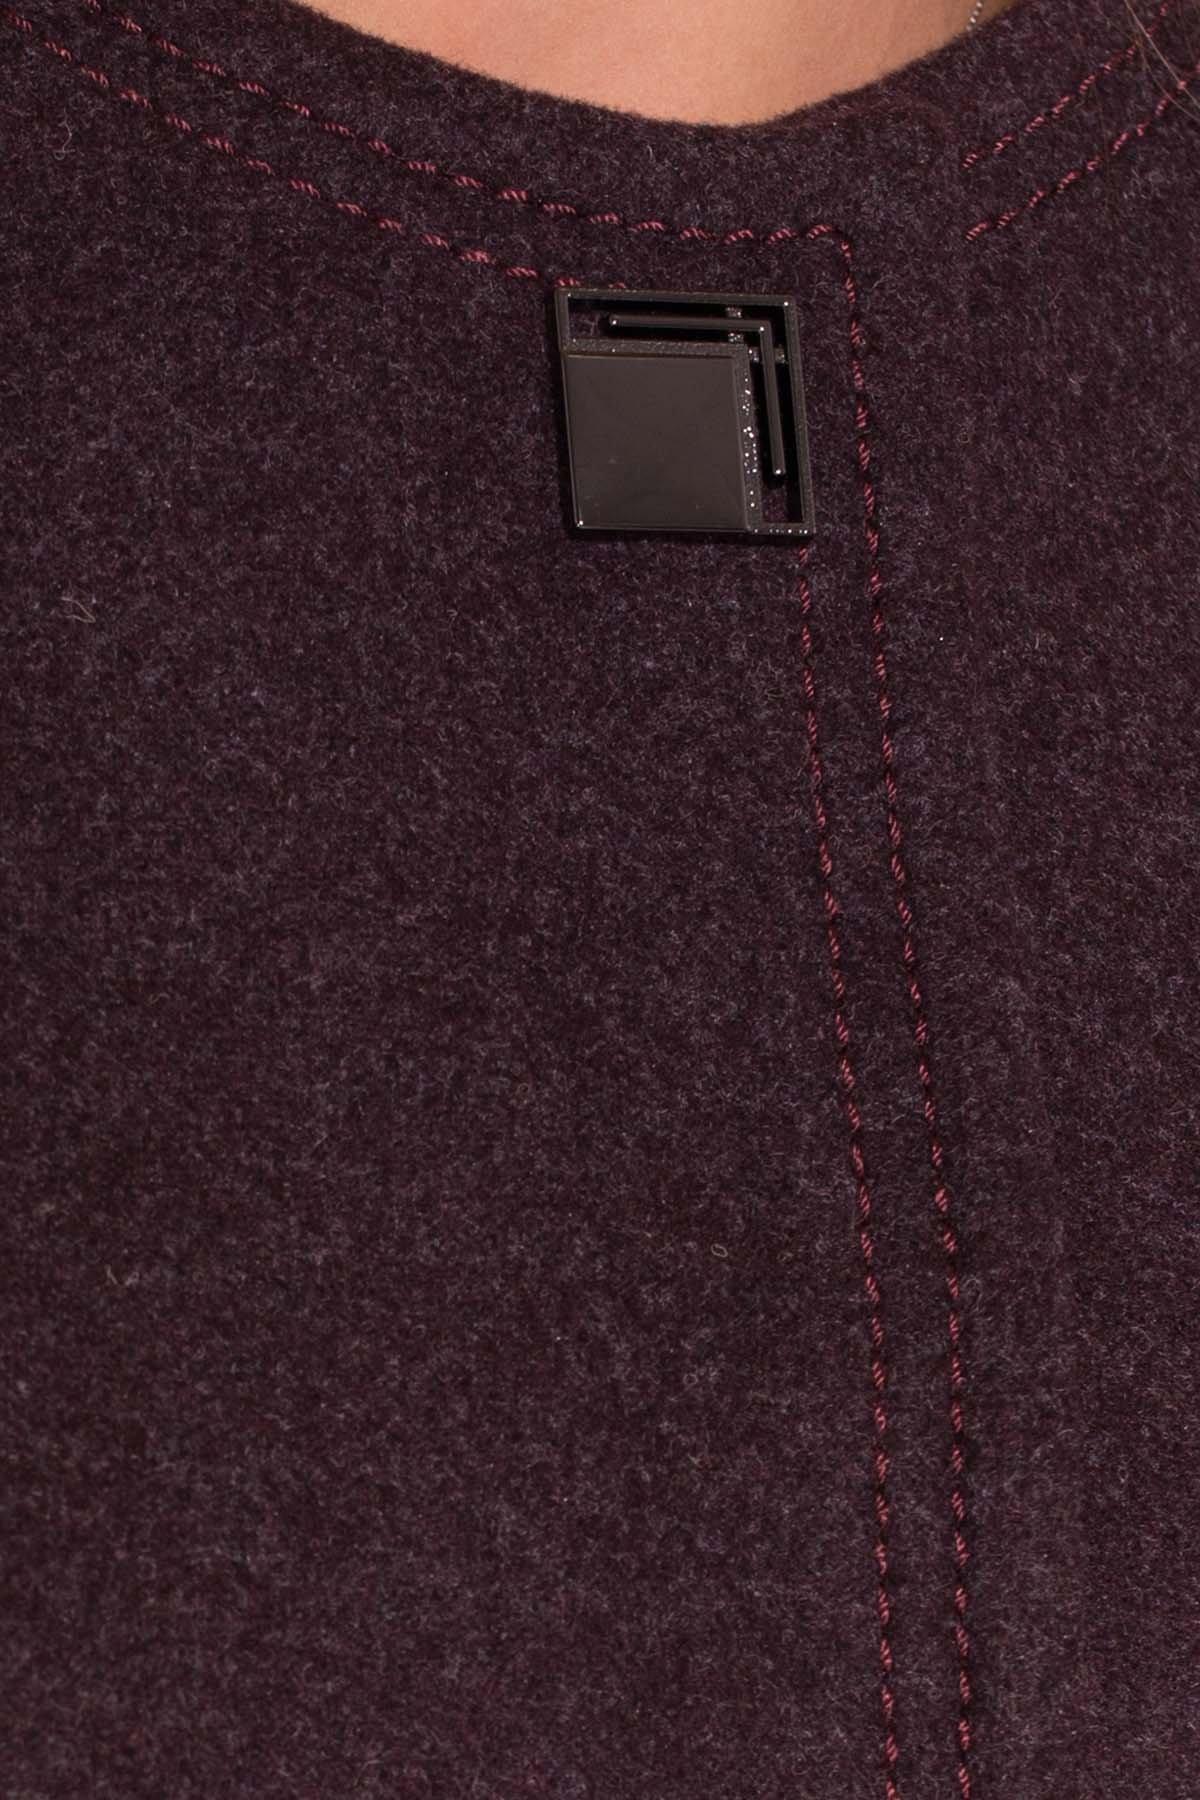 Демисезонное пальто Ферран 5369 АРТ. 37436 Цвет: Марсала - фото 5, интернет магазин tm-modus.ru